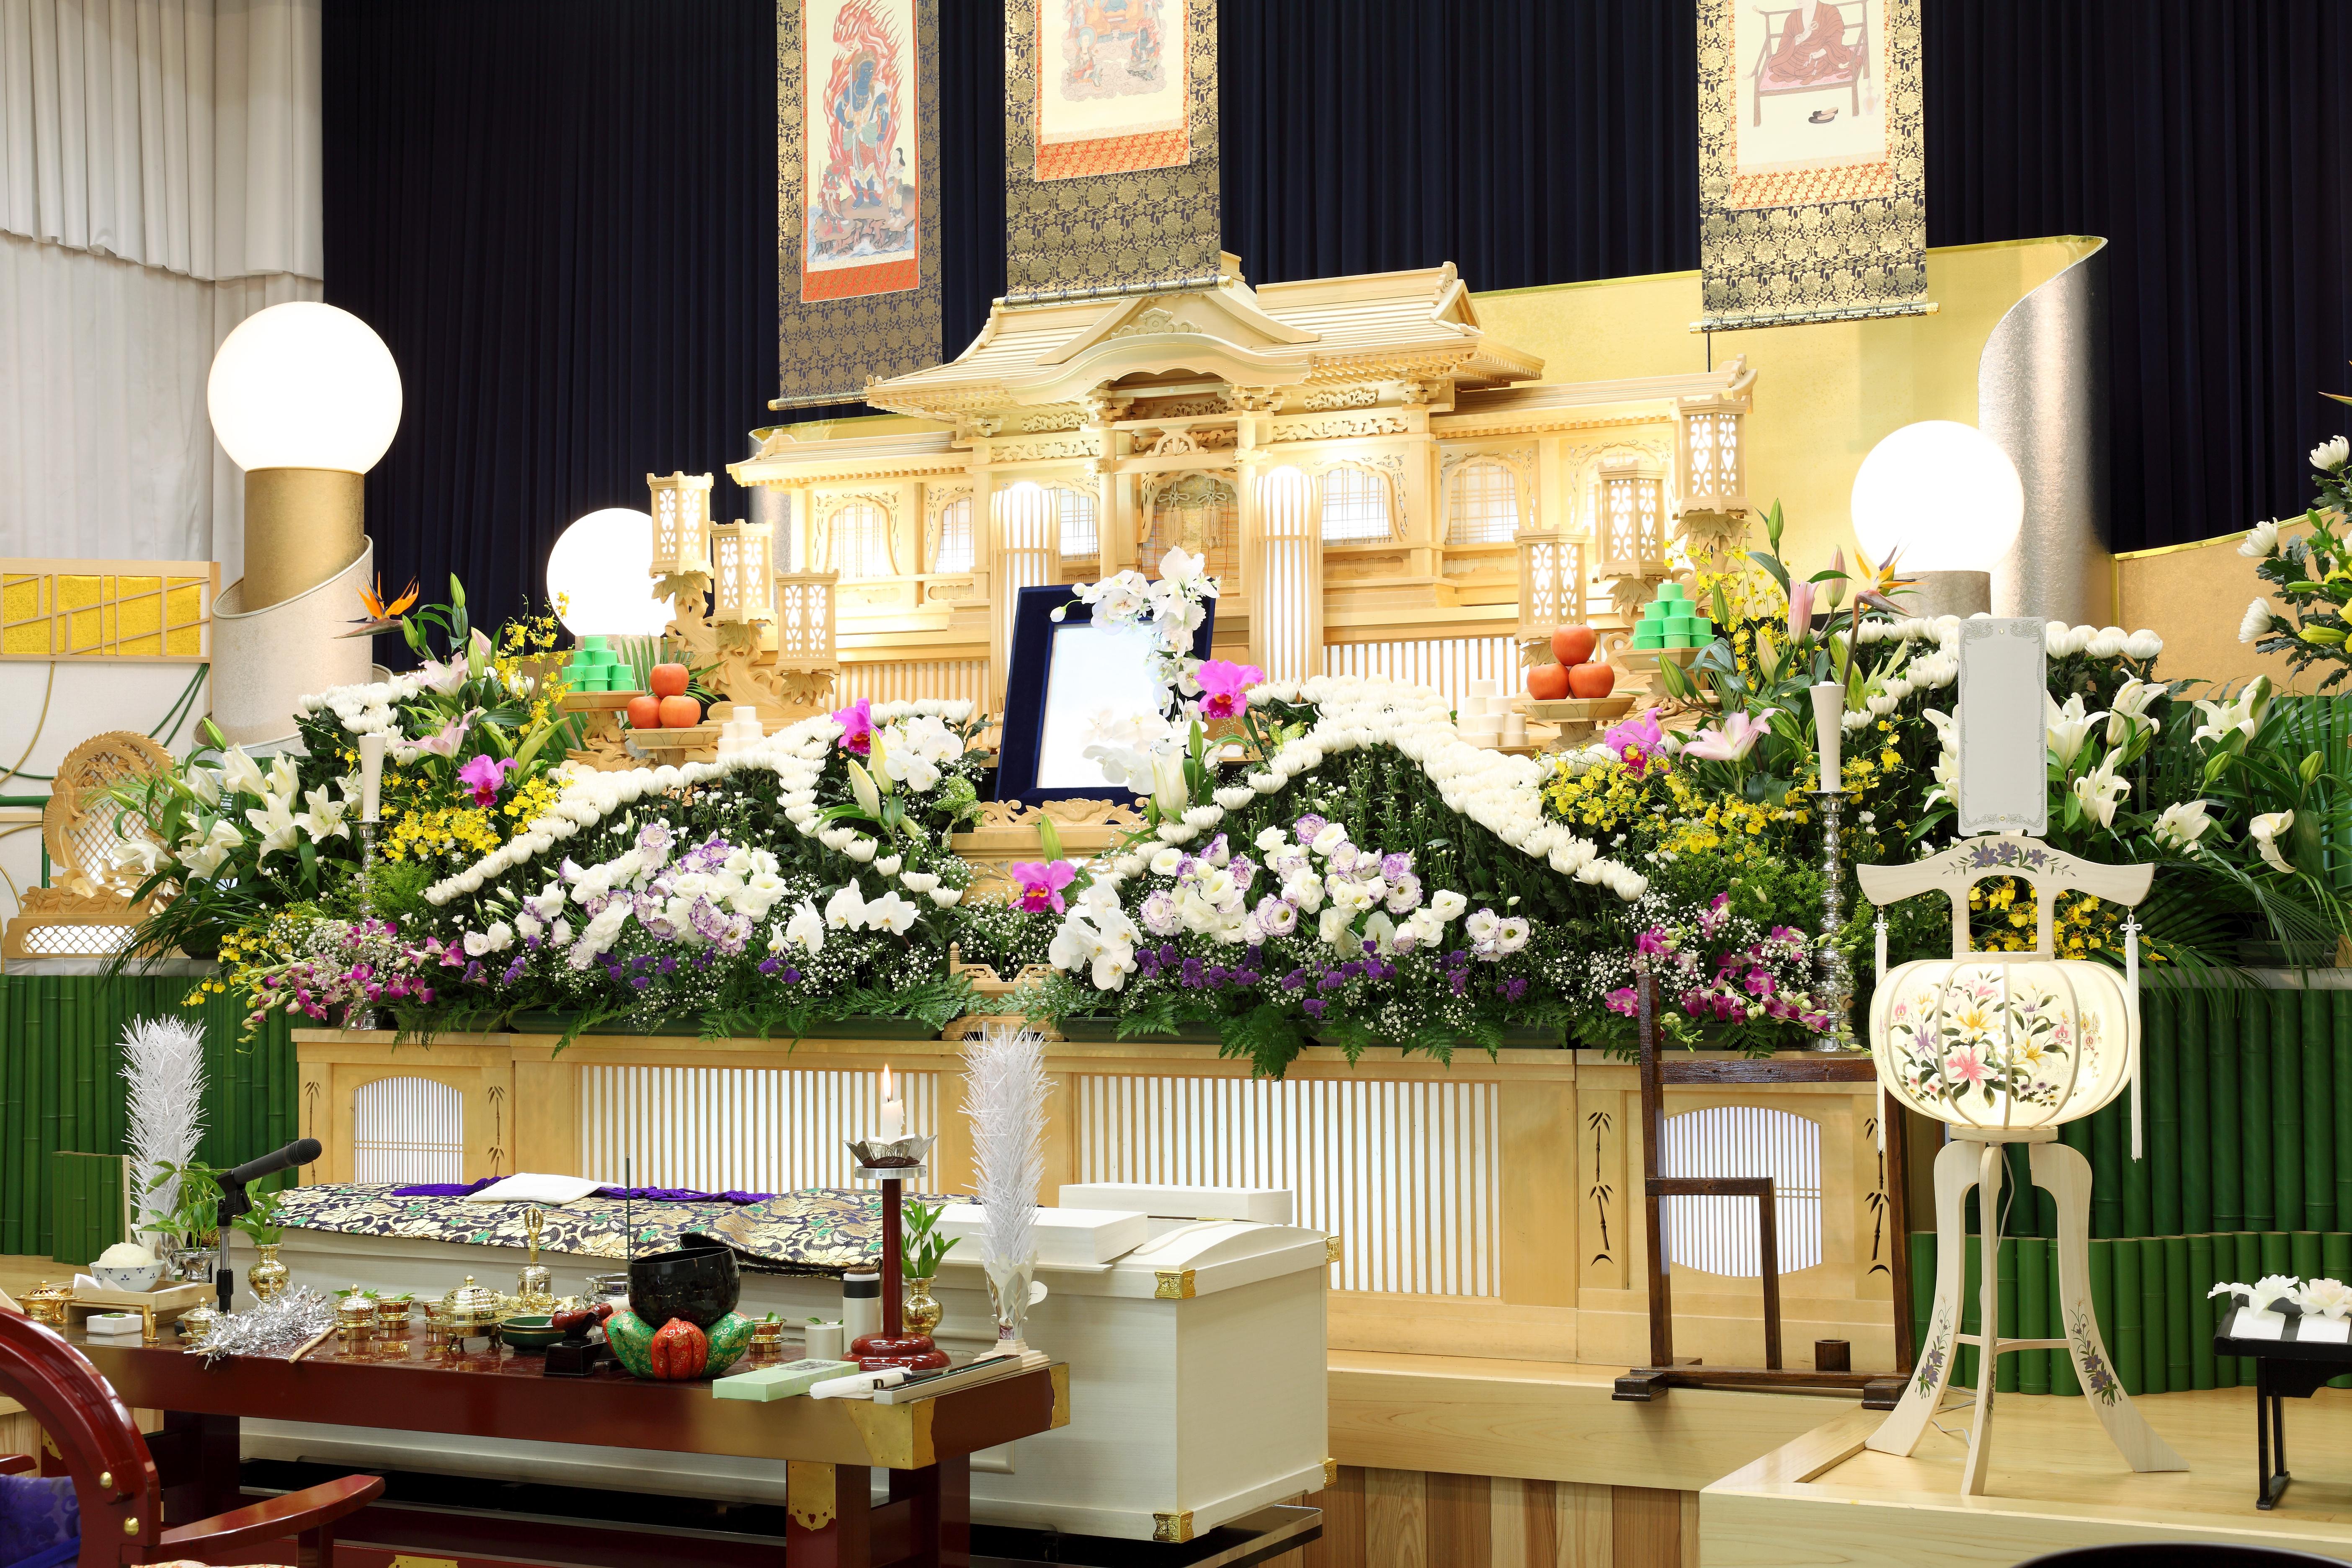 【葬儀】火葬場までの流れ 出棺から参列・骨拾いでのマナーを解説のサムネイル画像